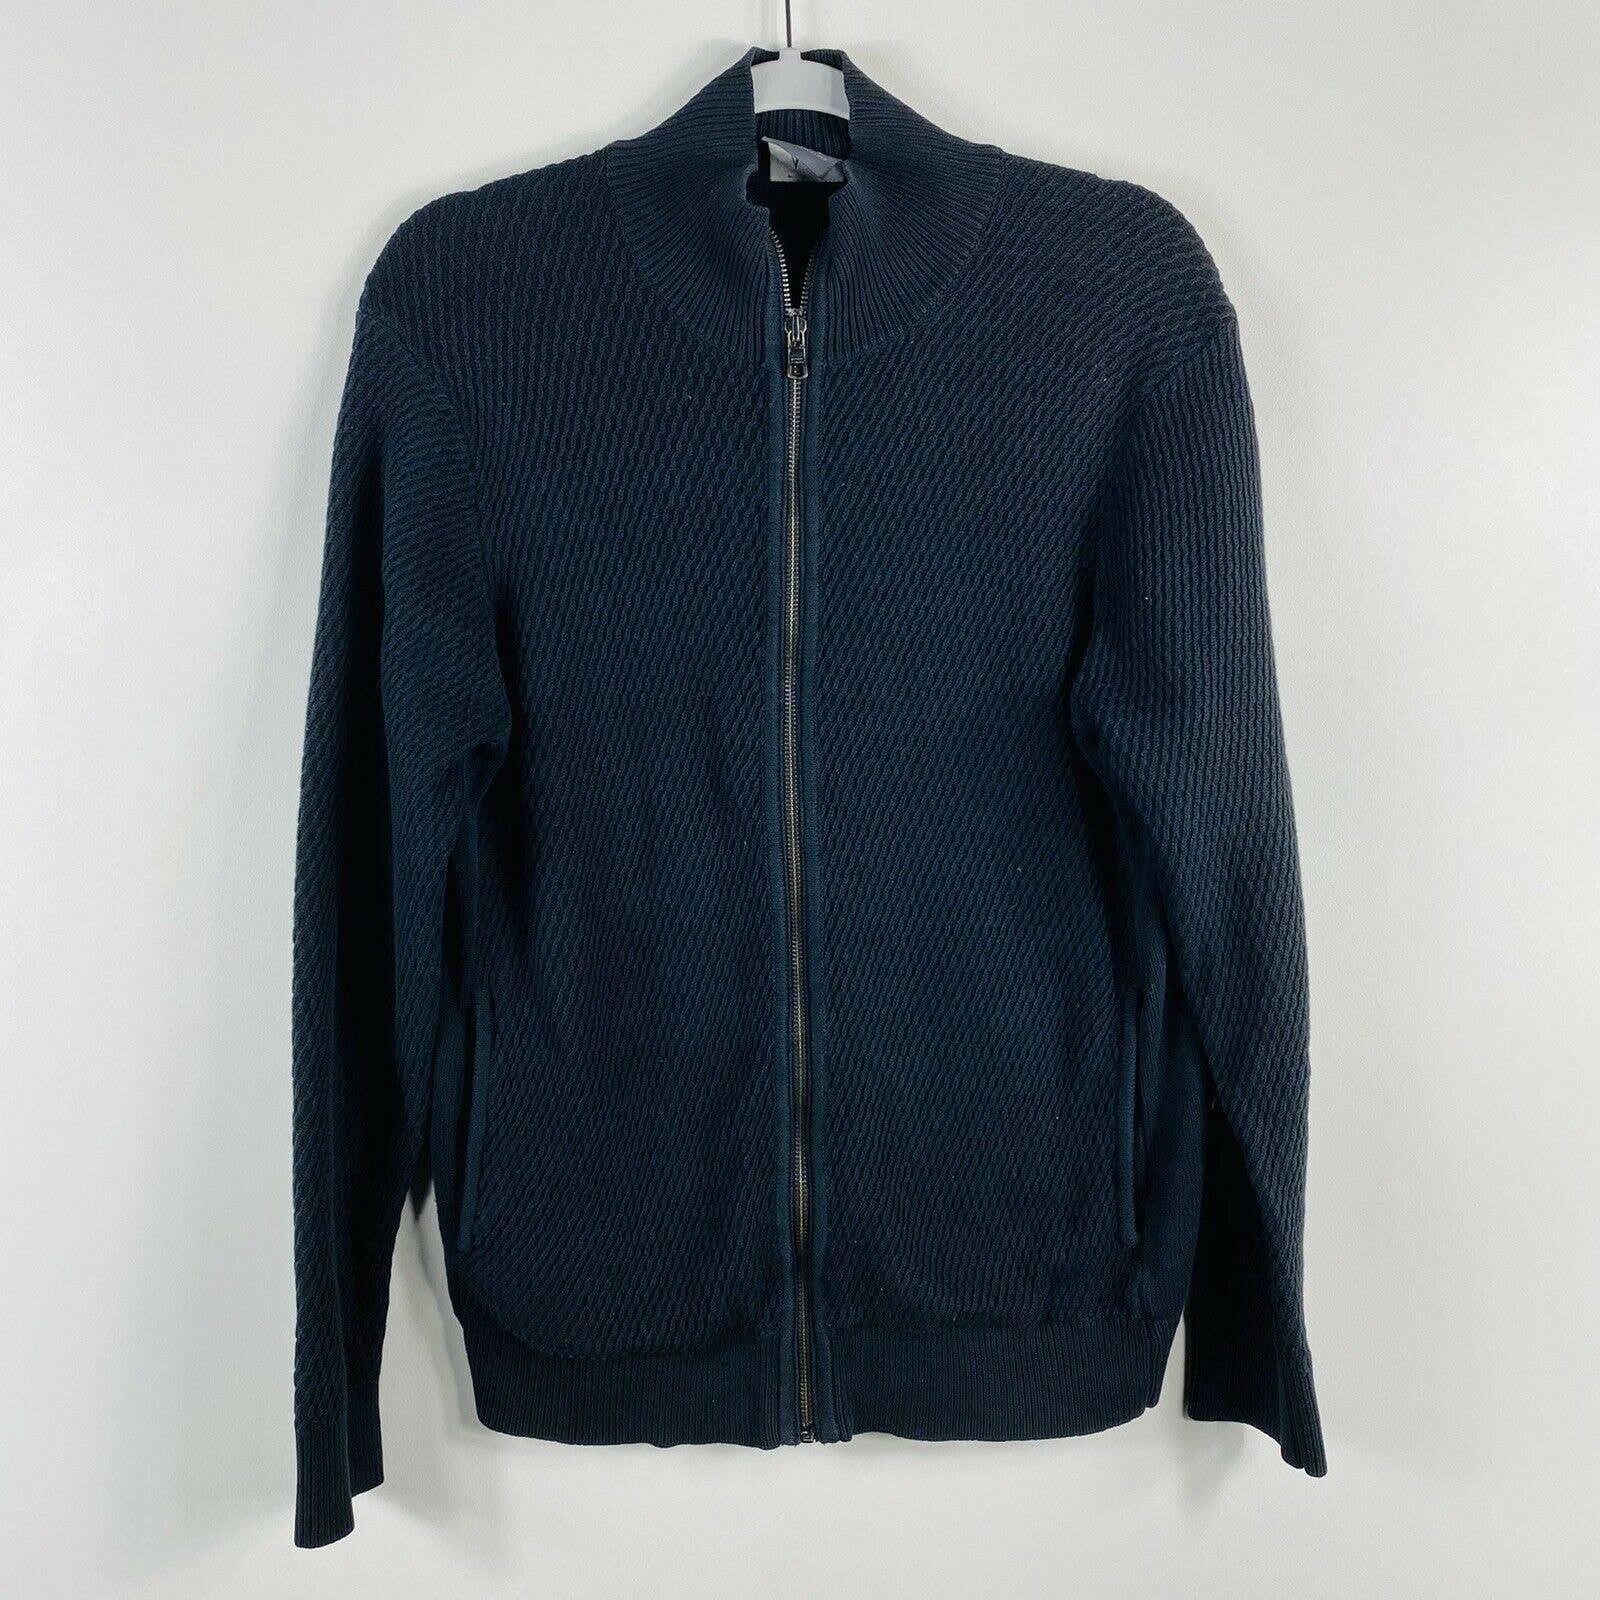 Armani Exchange Sz Medium Zip Up Jacket